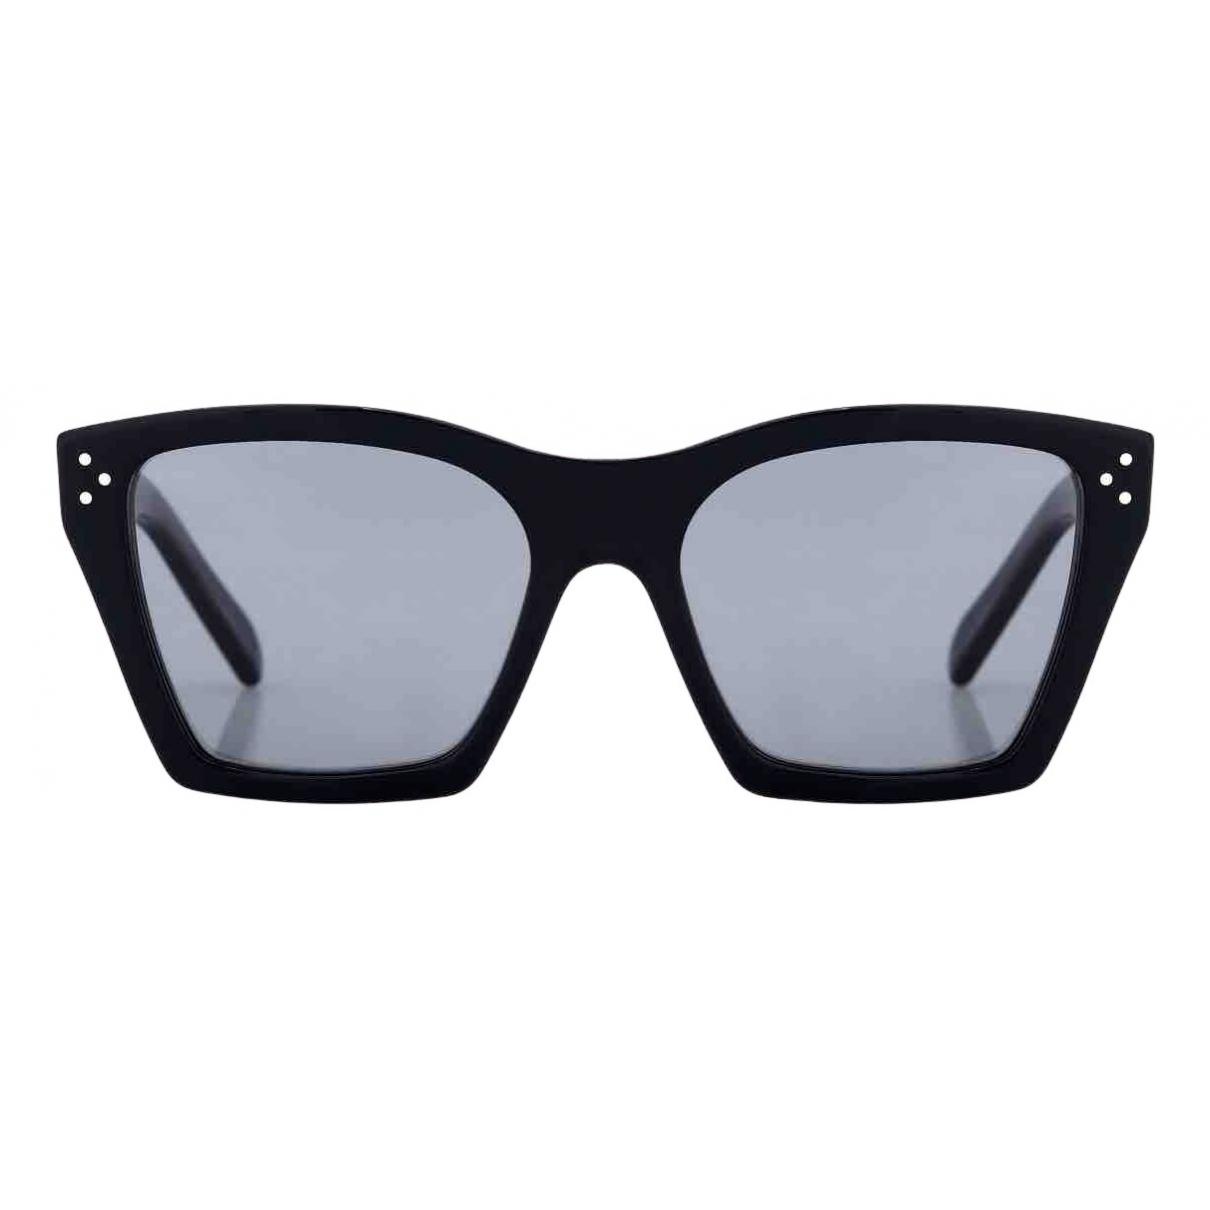 Celine N Black Sunglasses for Women N